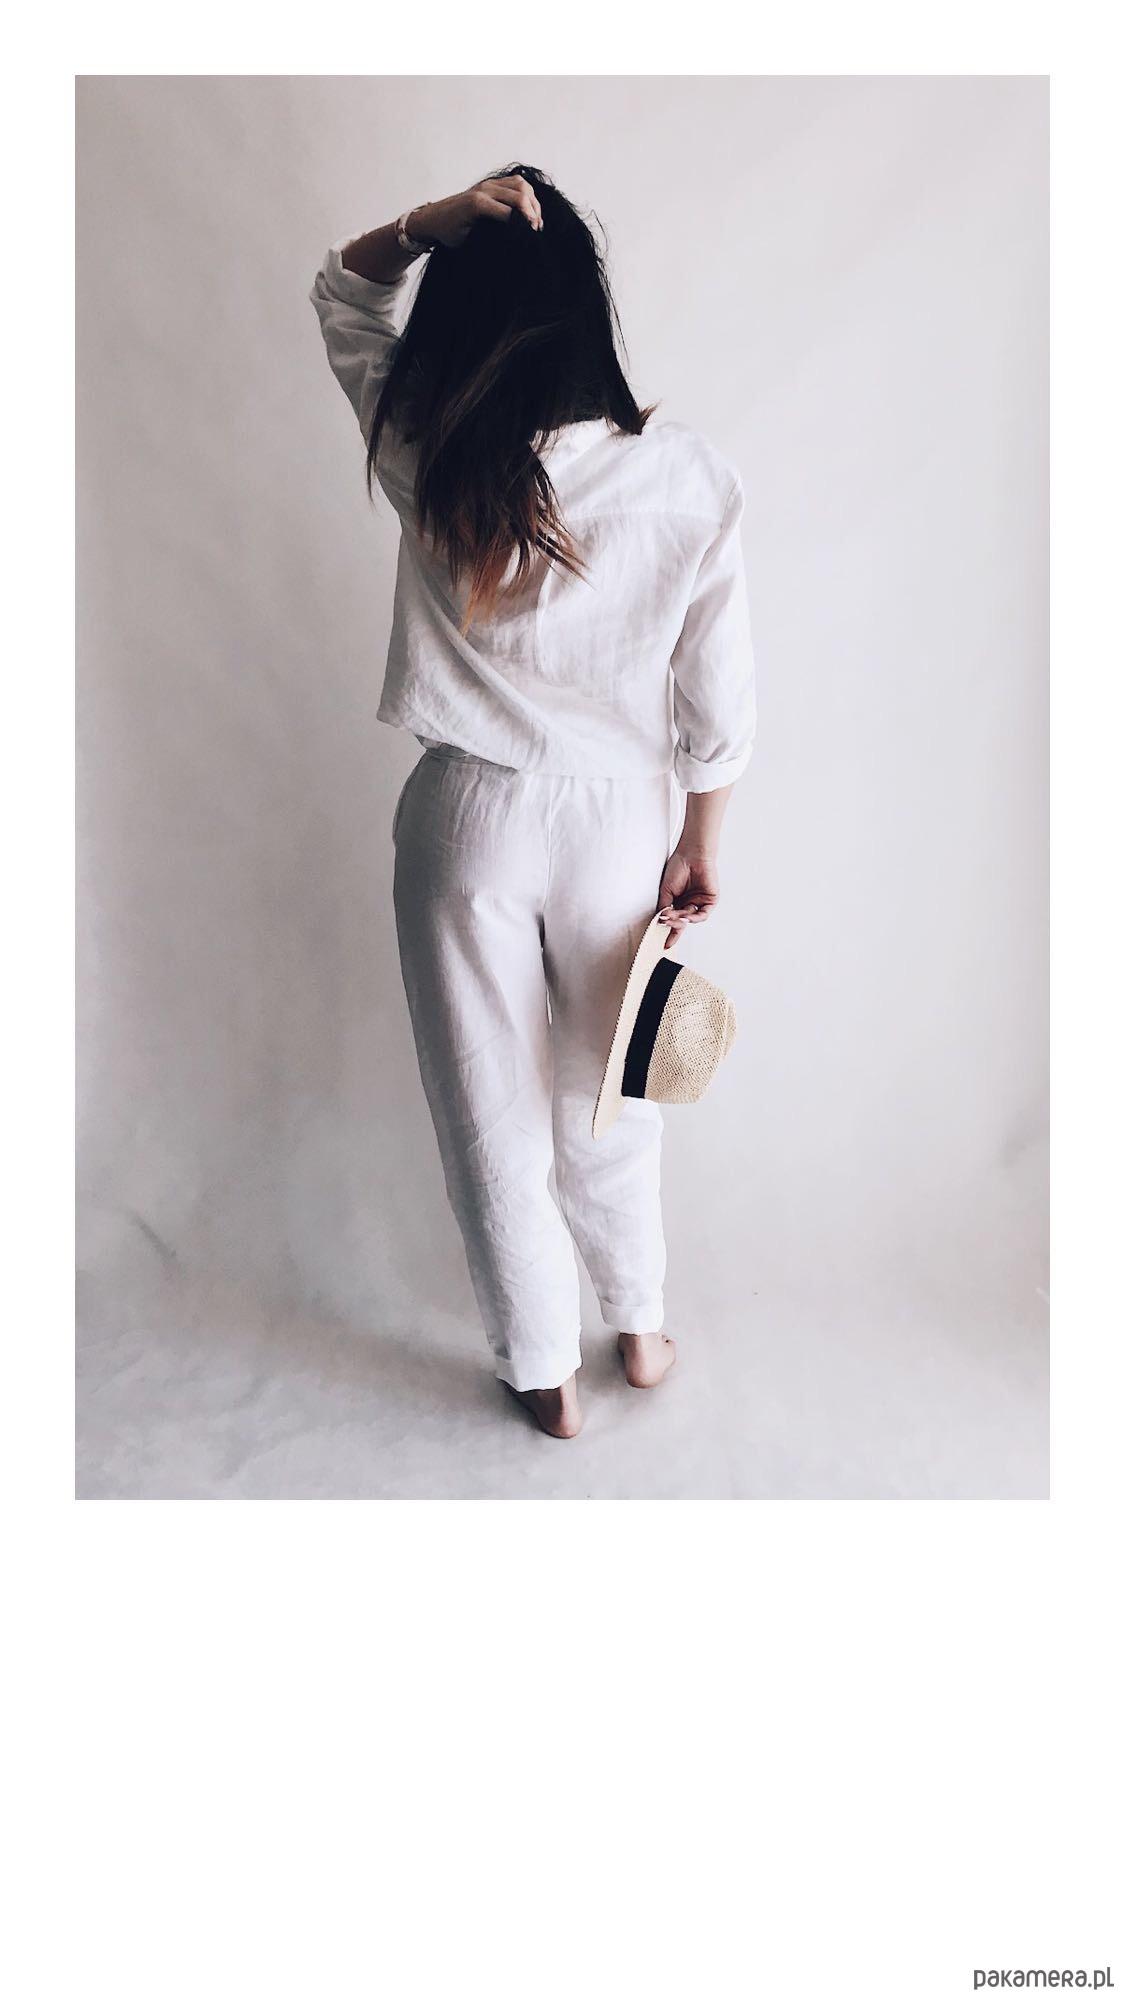 6188ee8917cd7 Białe spodnie lniane - spodnie - inne - Pakamera.pl